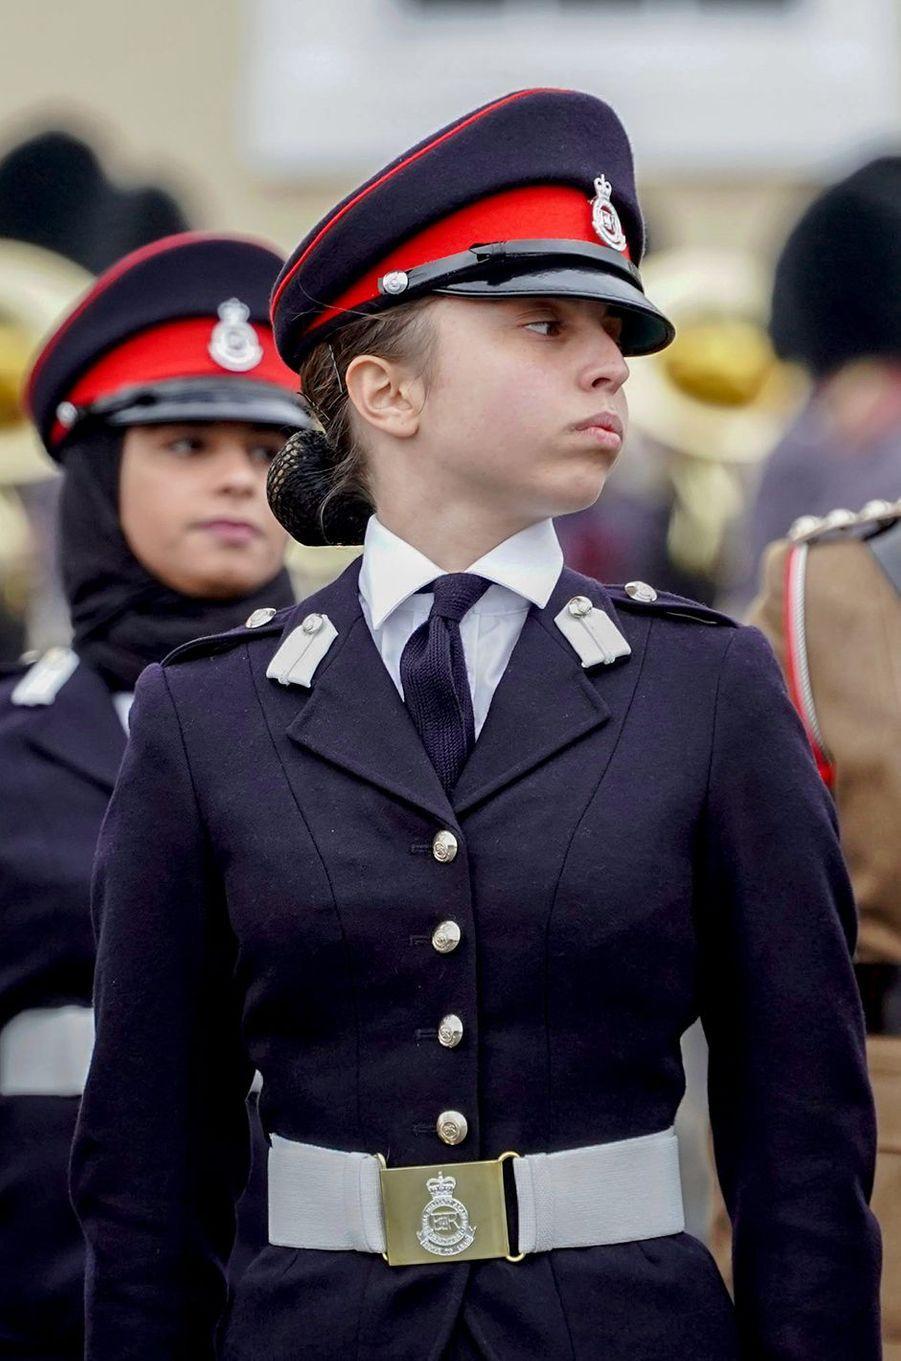 La princesse Salma de Jordanie à l'académie militaire de Sandhurst, le 24 novembre 2018